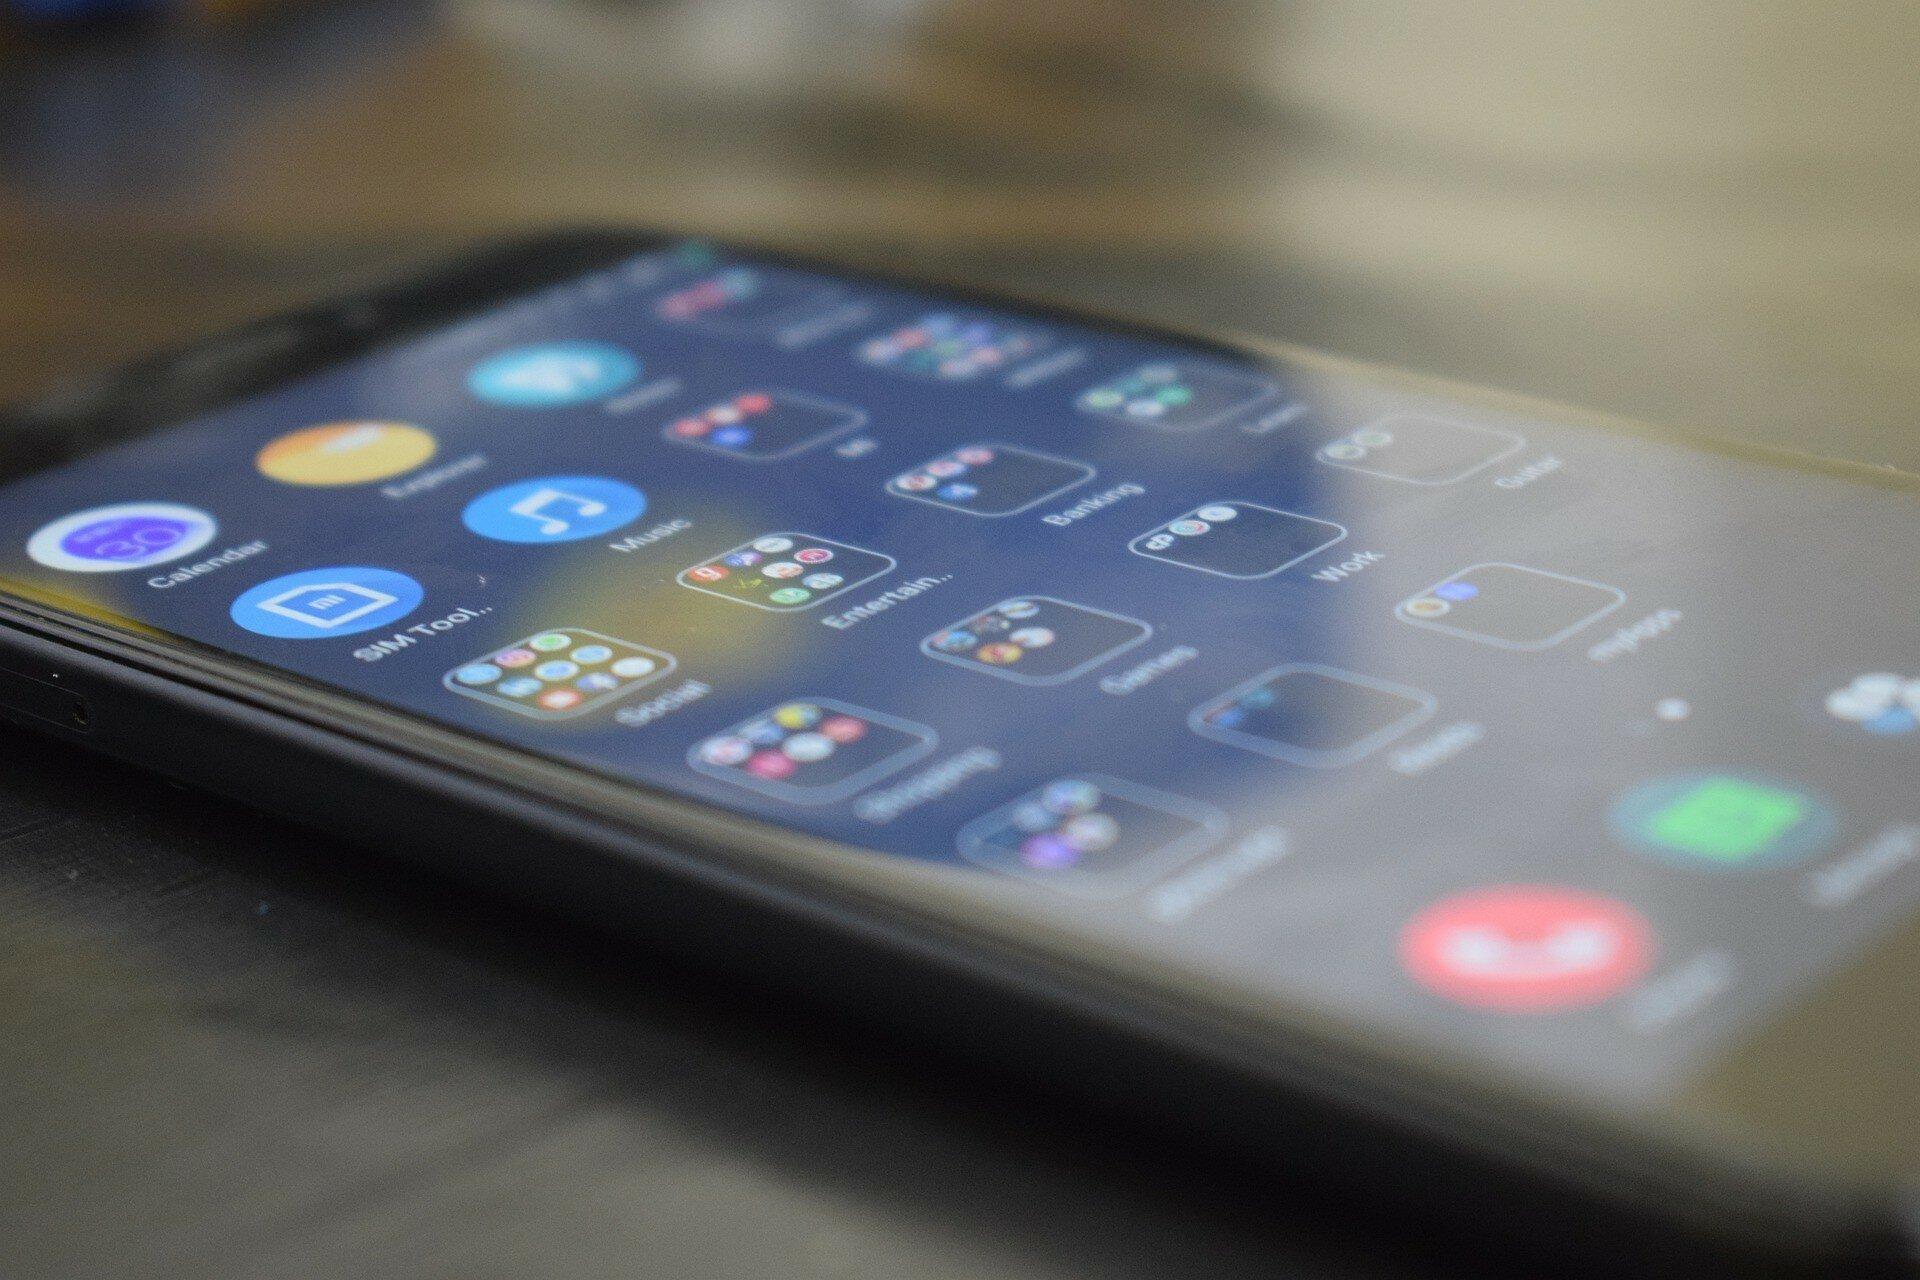 Как мобильные приложения воруют деньги с телефона